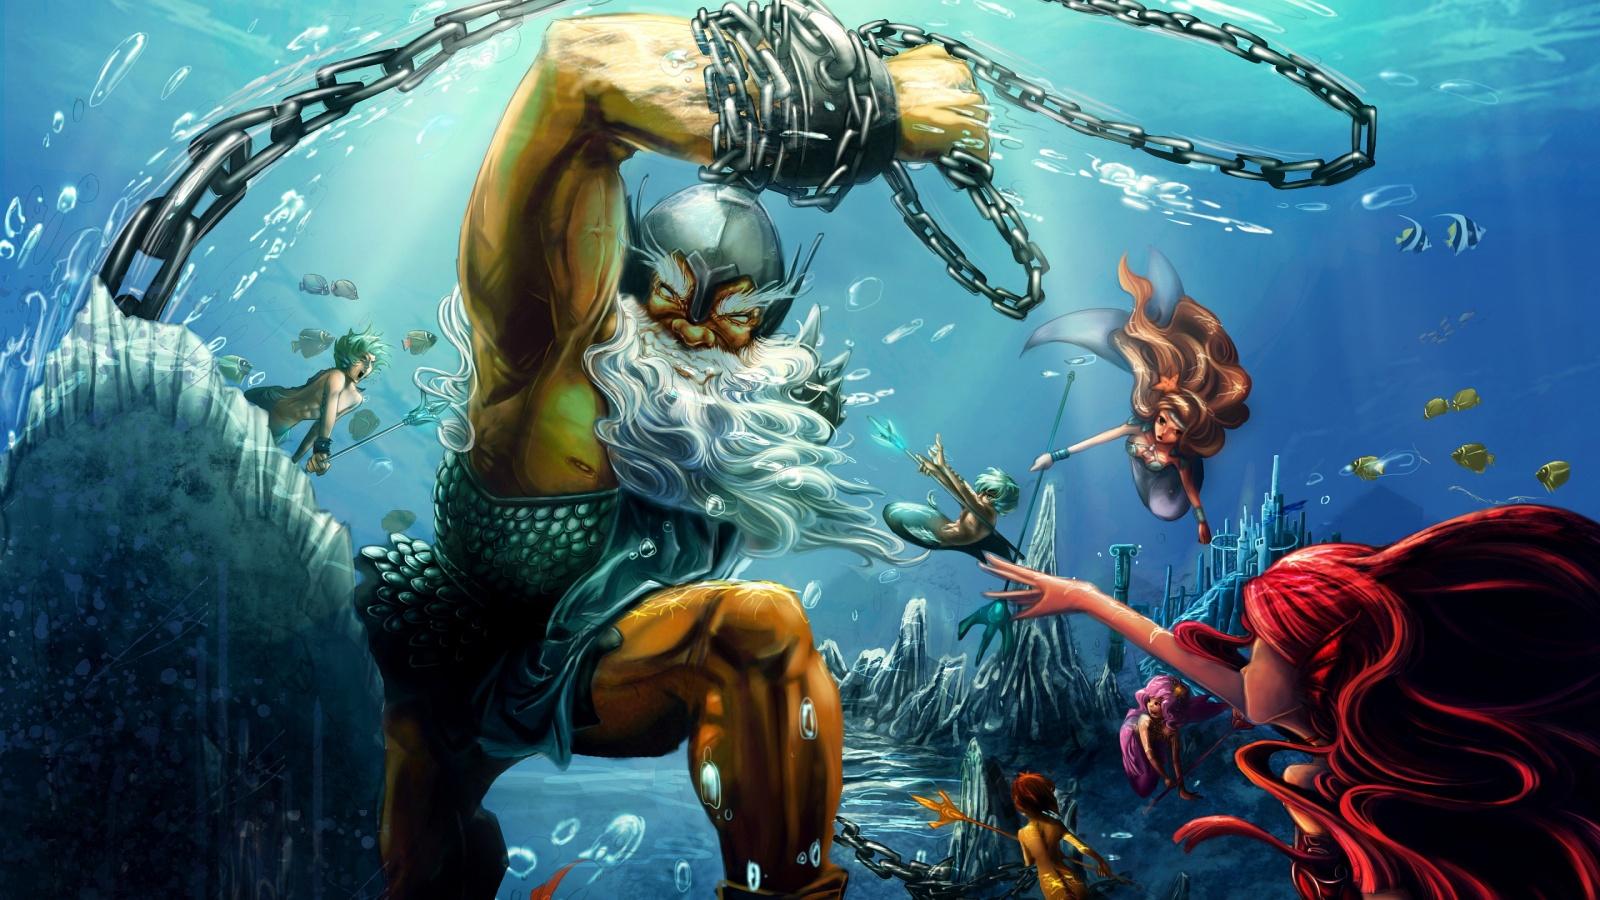 poseidon vs the kraken - photo #18